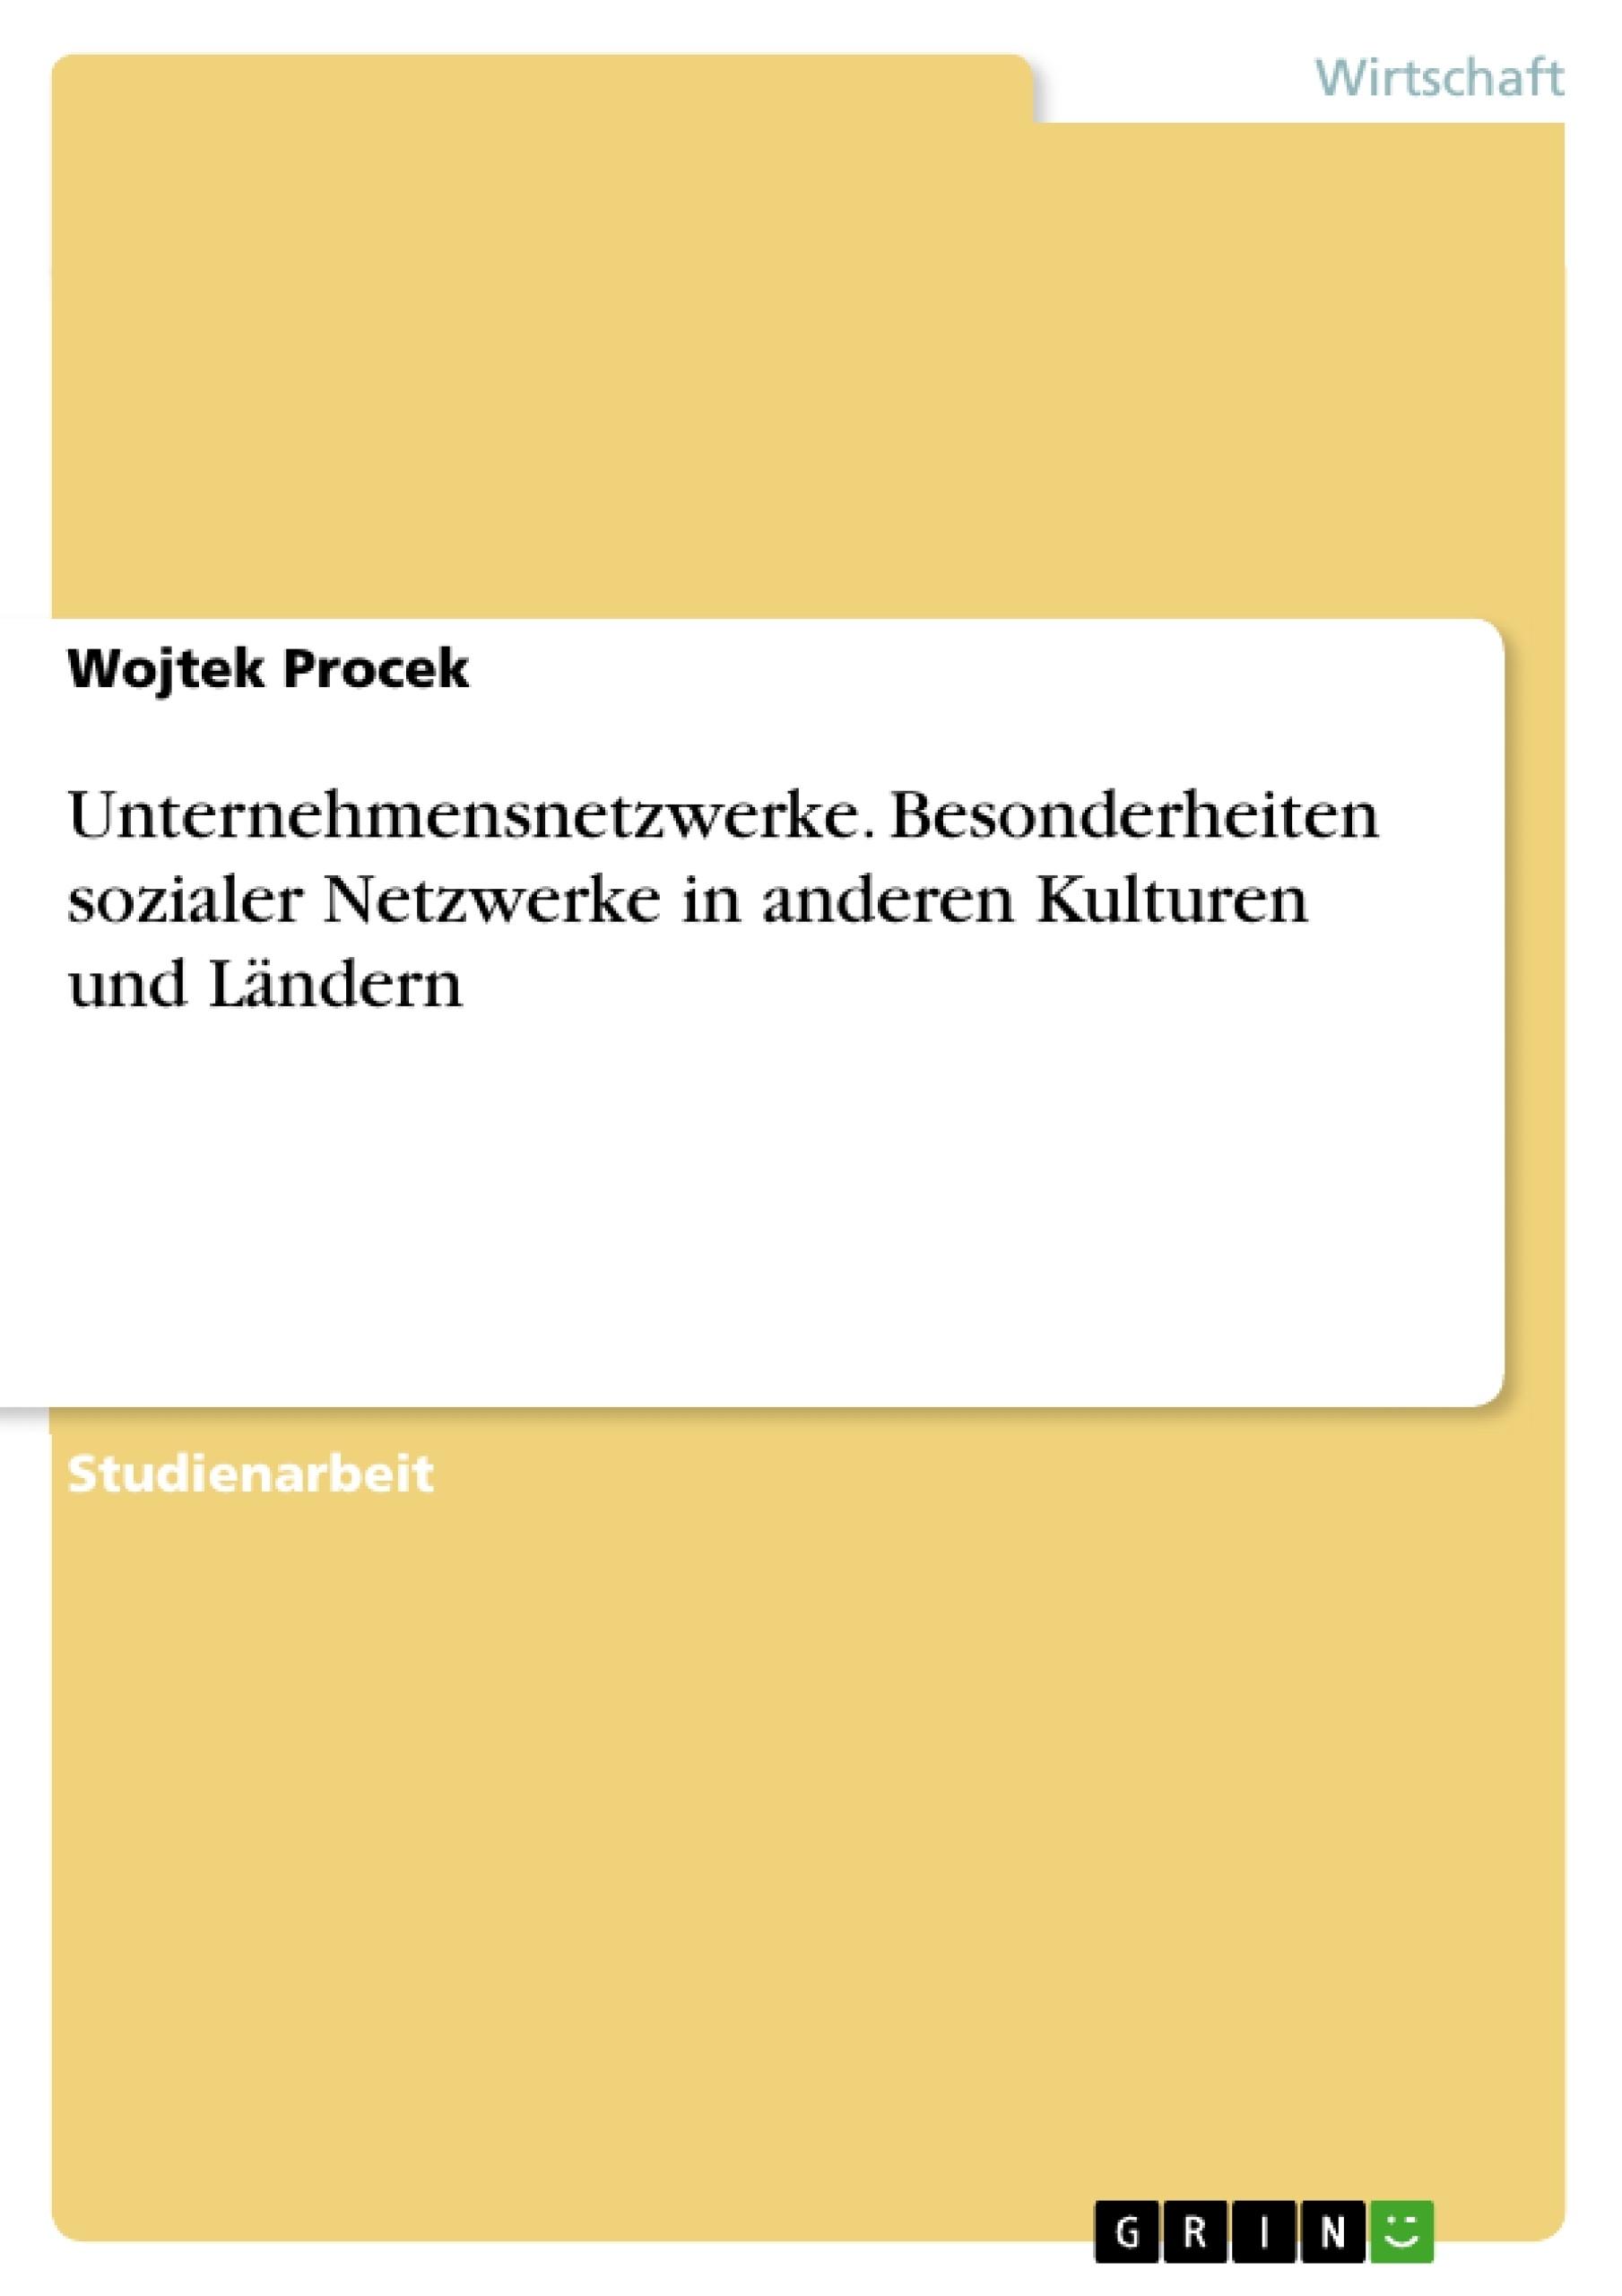 Titel: Unternehmensnetzwerke. Besonderheiten sozialer Netzwerke in anderen Kulturen und Ländern